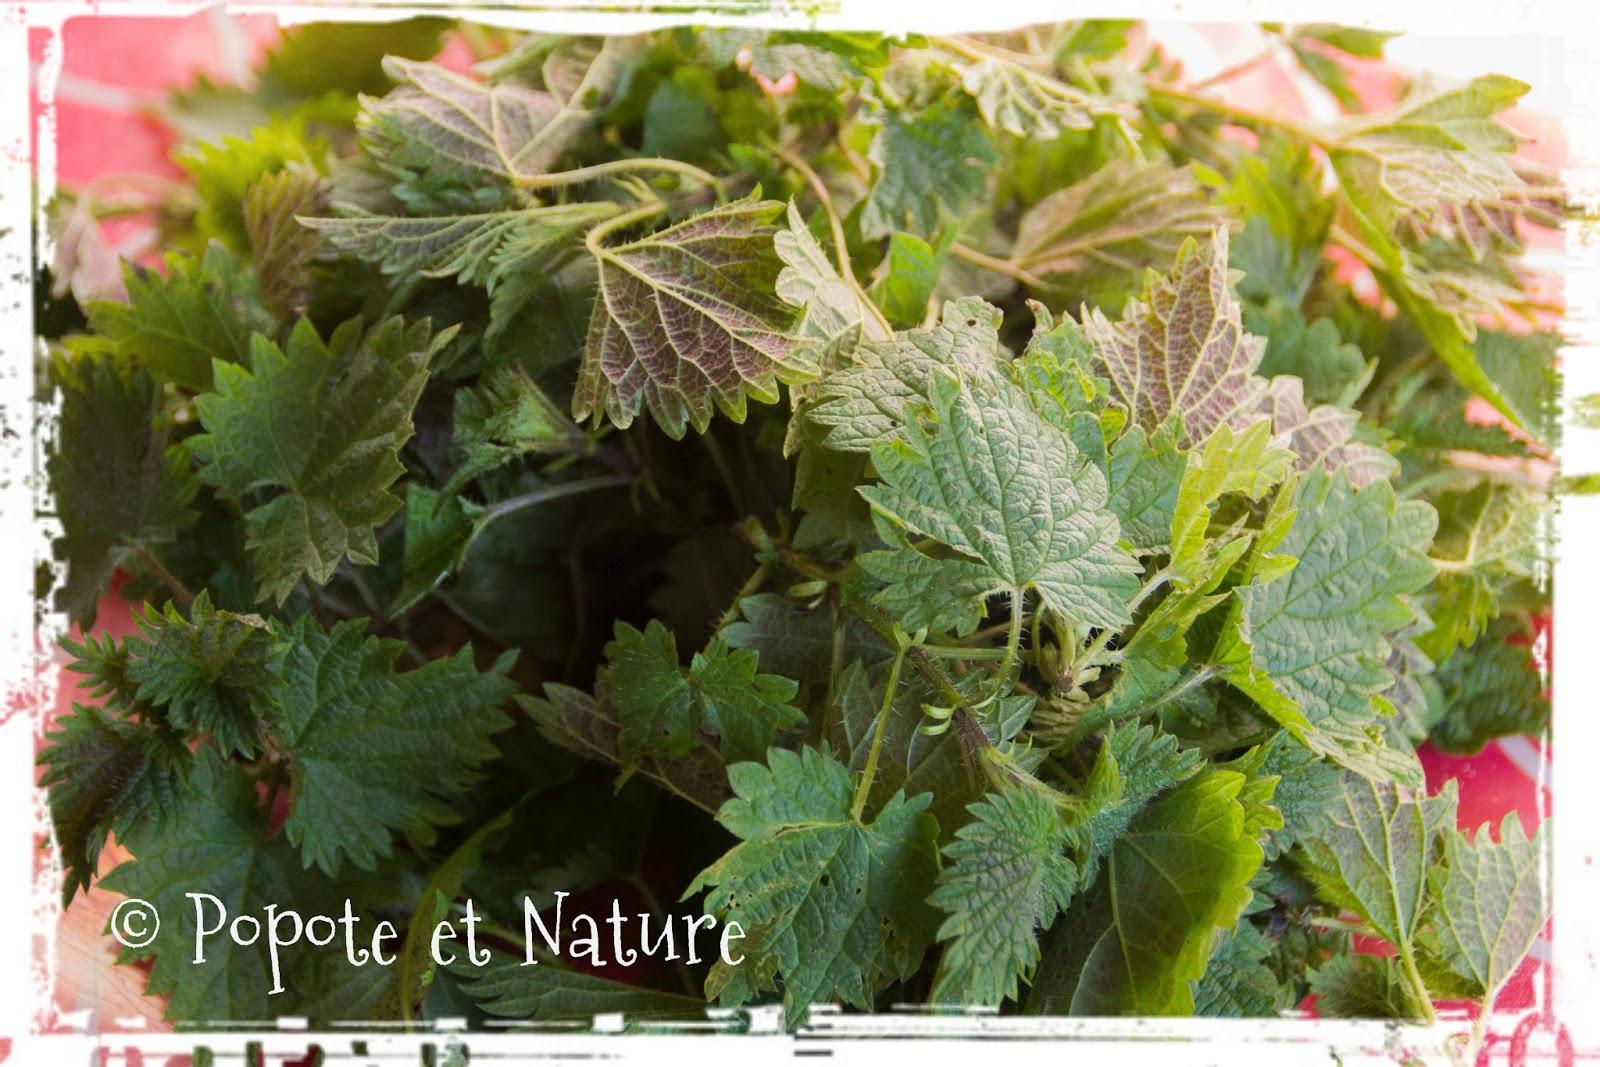 Popote et nature soupe aux orties - Quelles orties pour la soupe ...